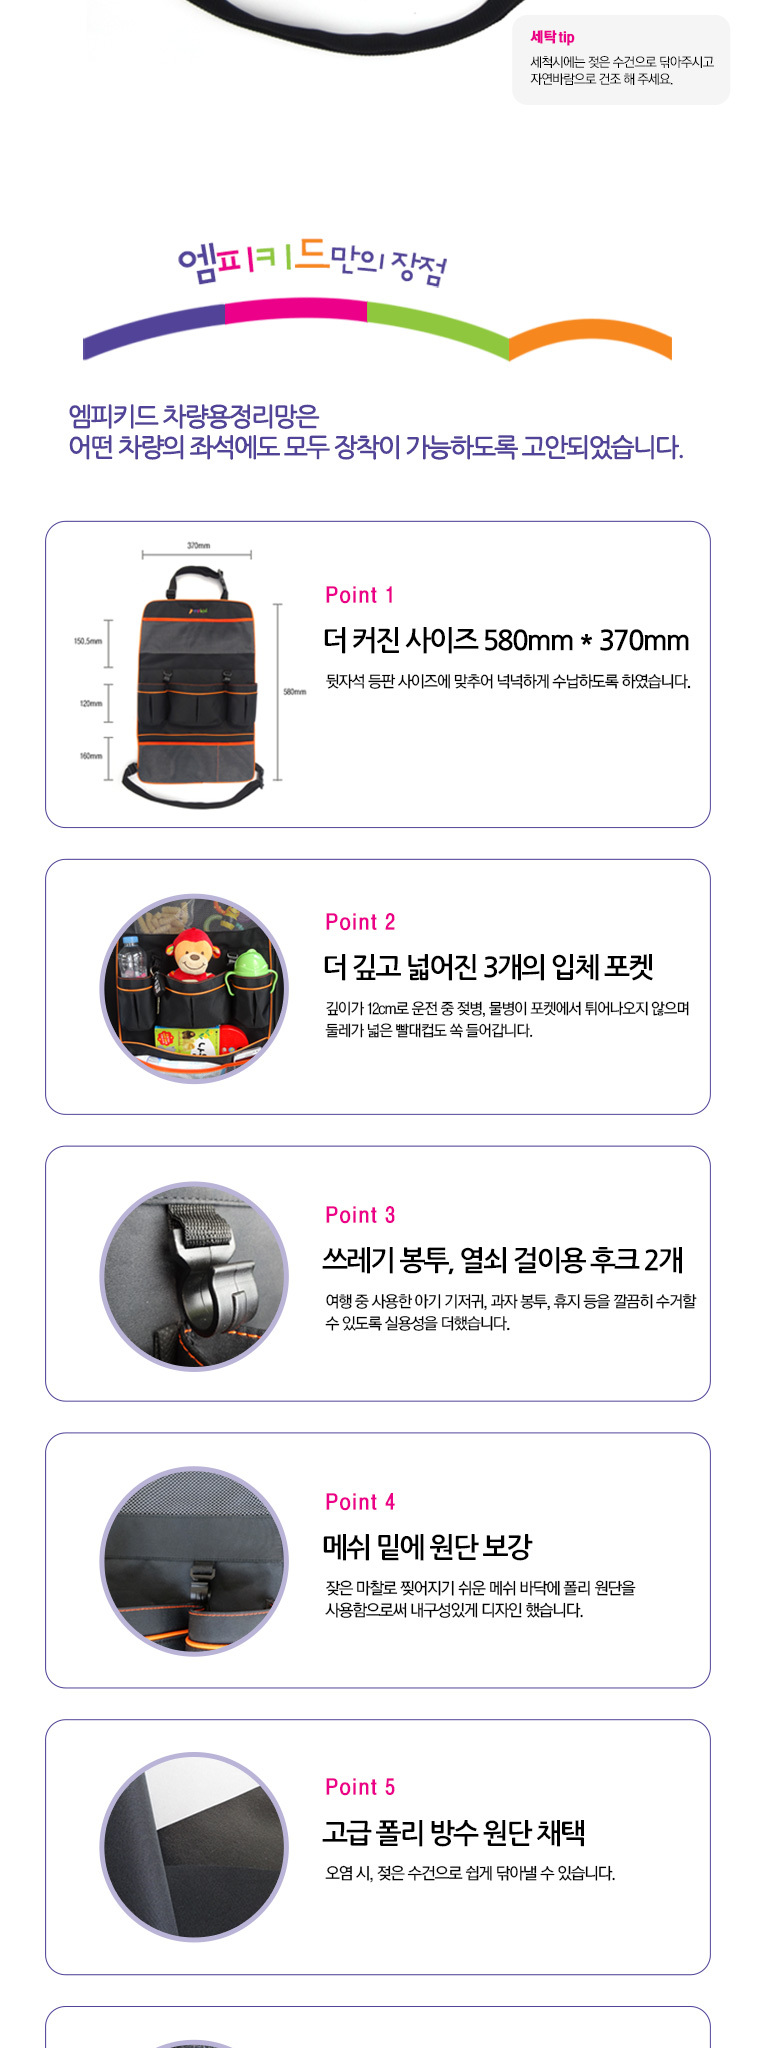 [리퍼데이] 엠피키드 차량용정리함 - 상세정보